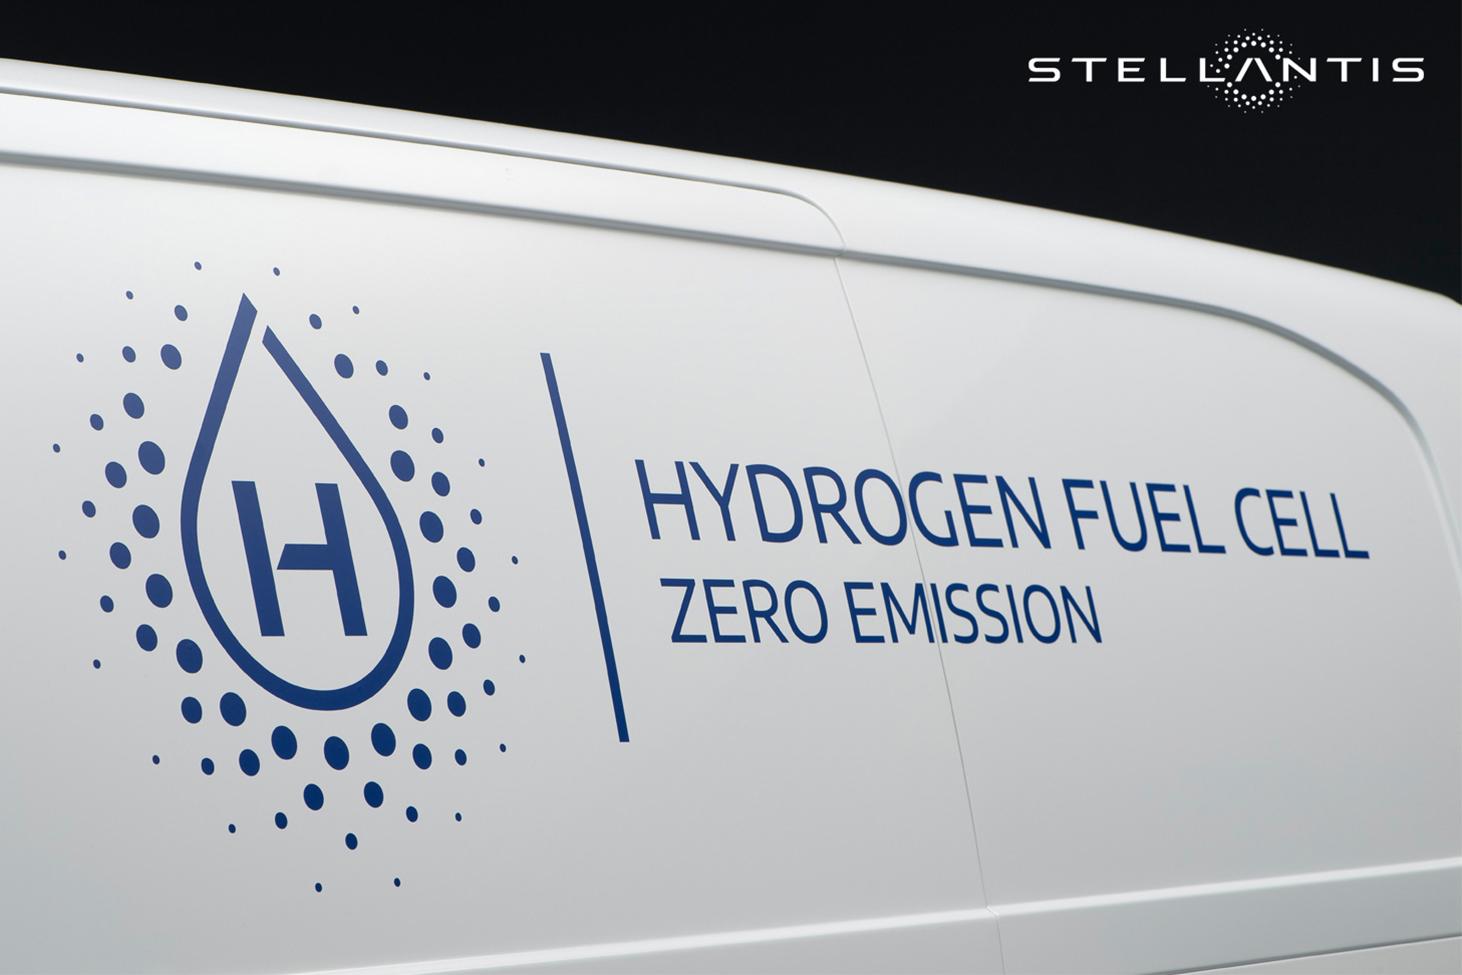 Auch-Stellantis-mit-H2